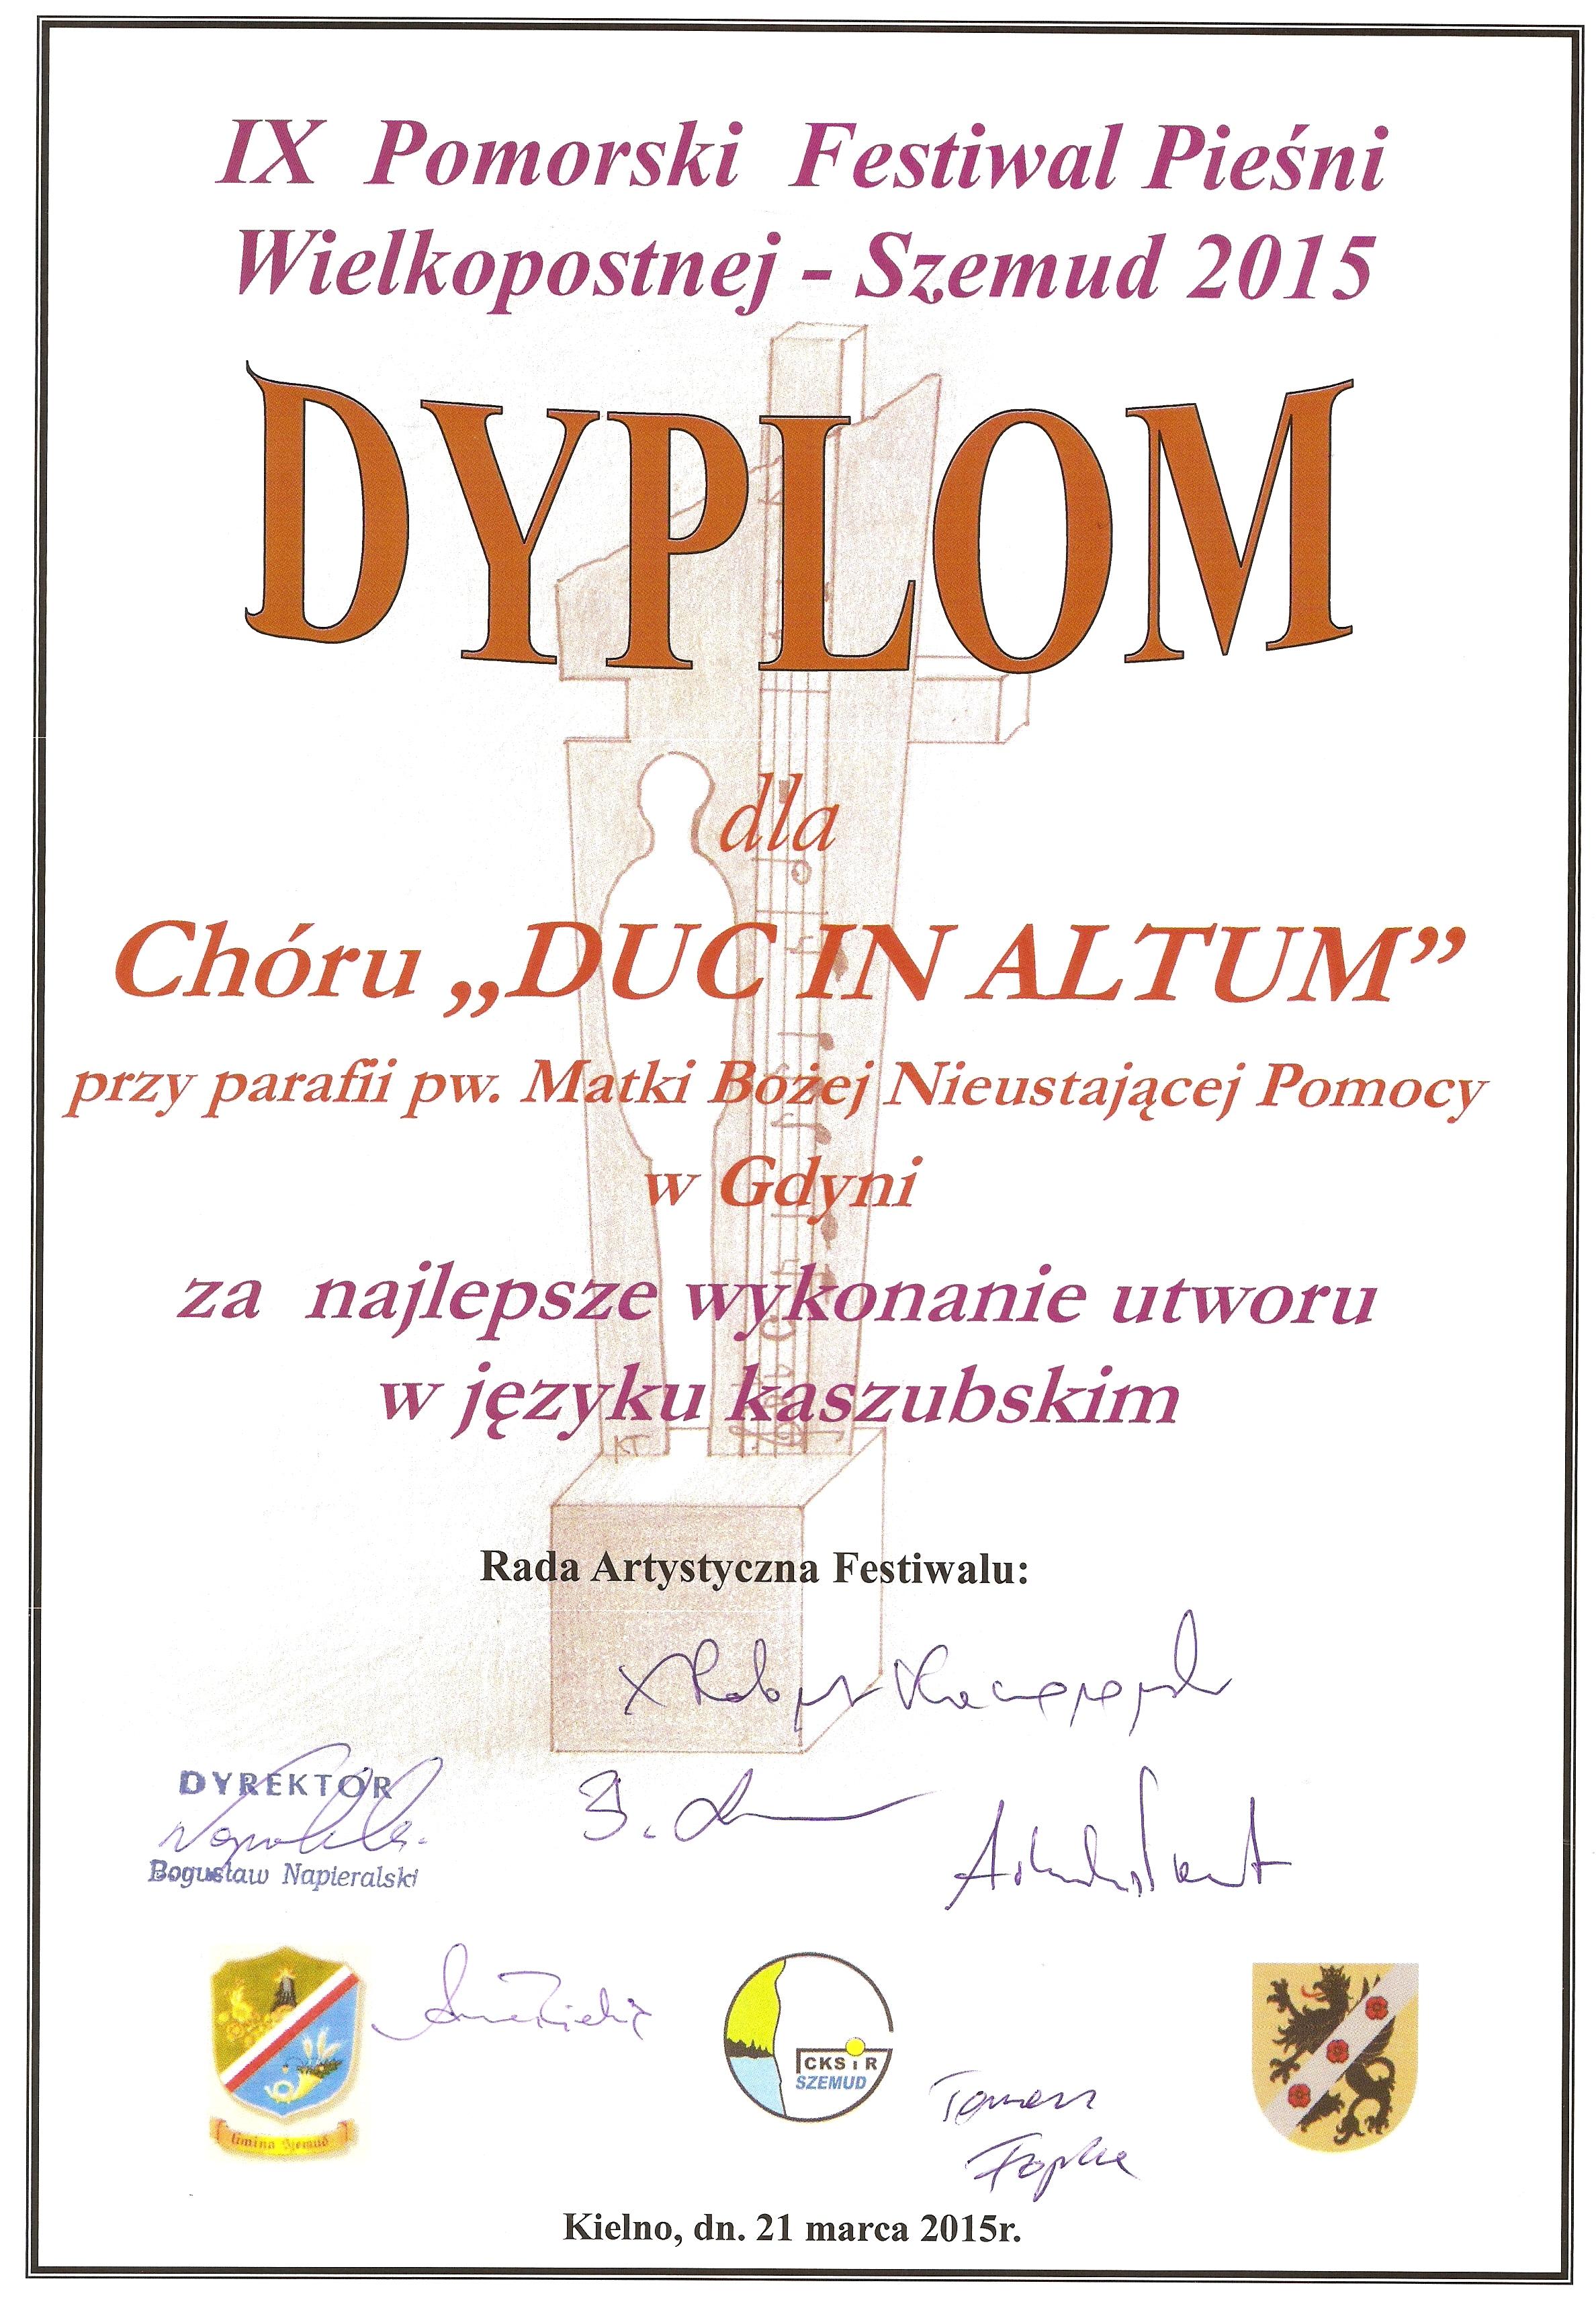 Raczkowski_Szemud_dyplom2